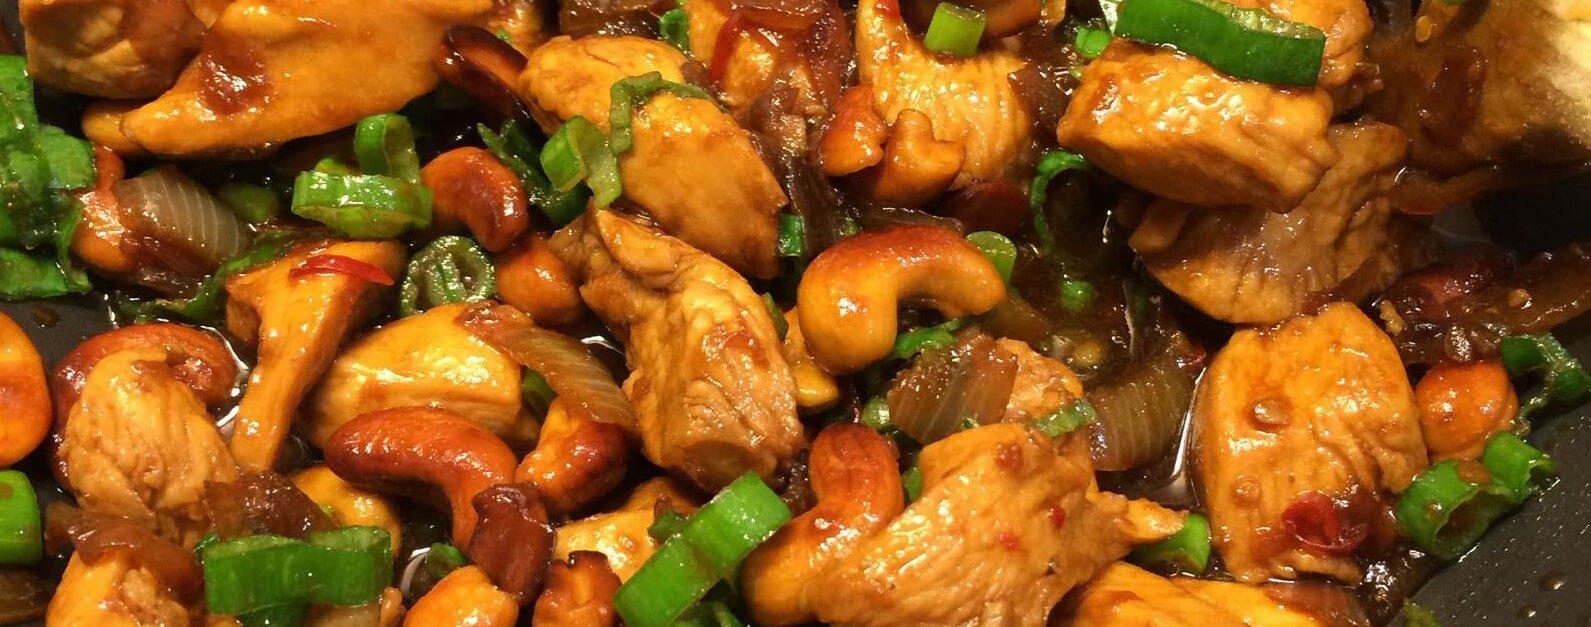 thailaendisch-kochen-lernen-thai-kochkurs-zurich